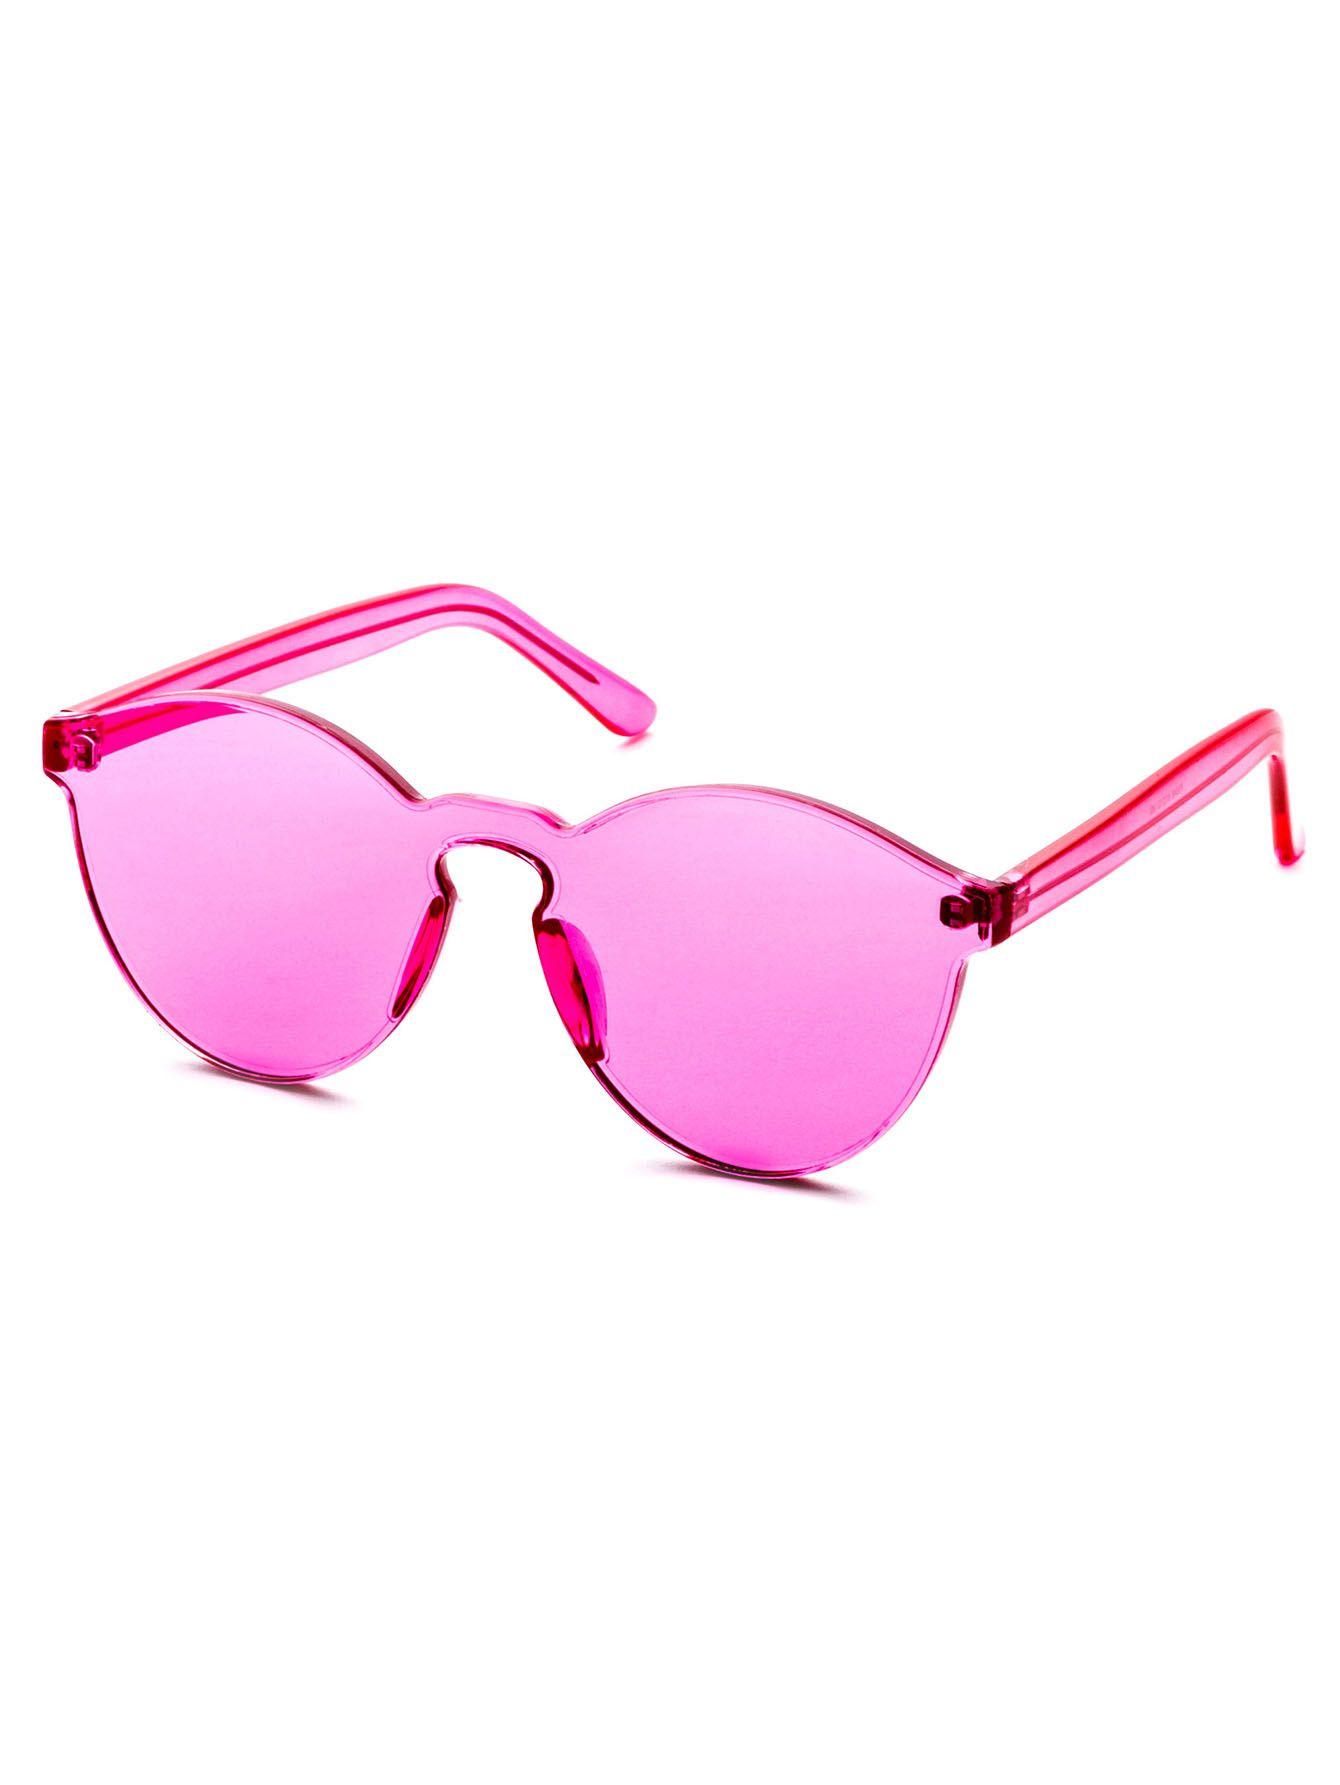 sunglass160831310_2 | Accessories | Pinterest